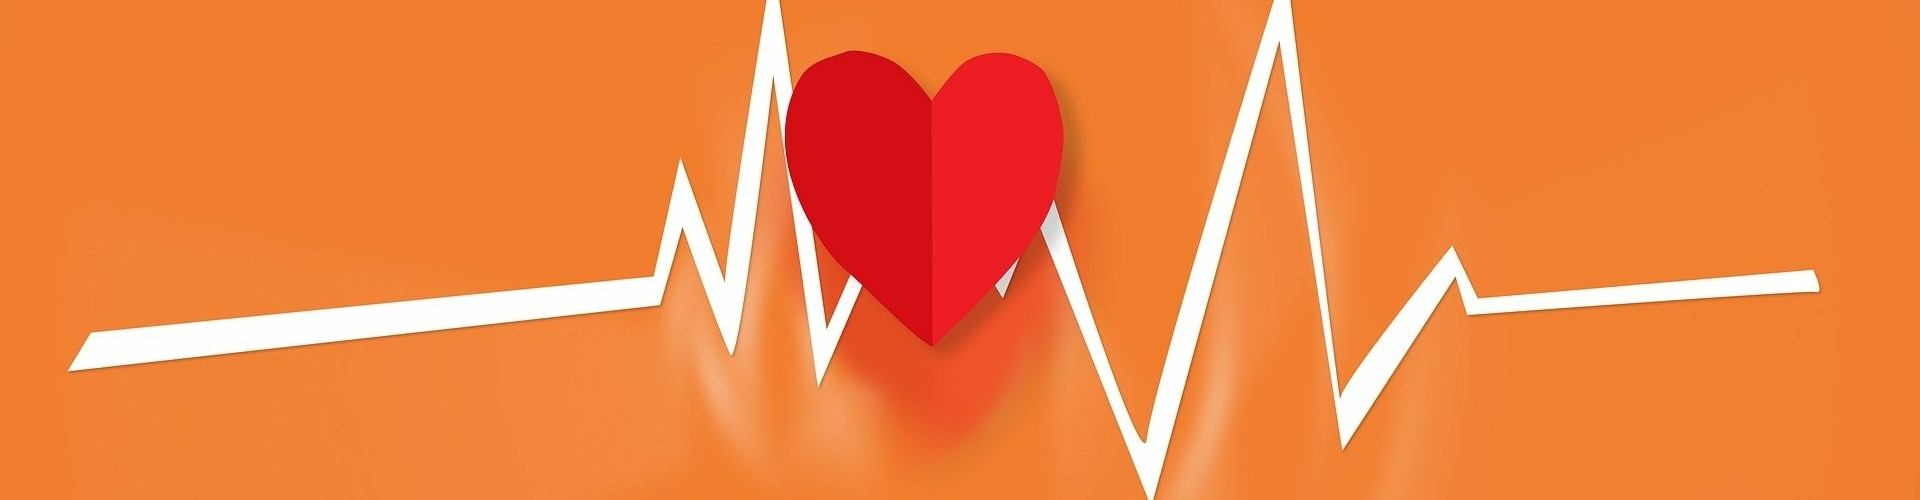 Cardiomyopathie en hartfalen